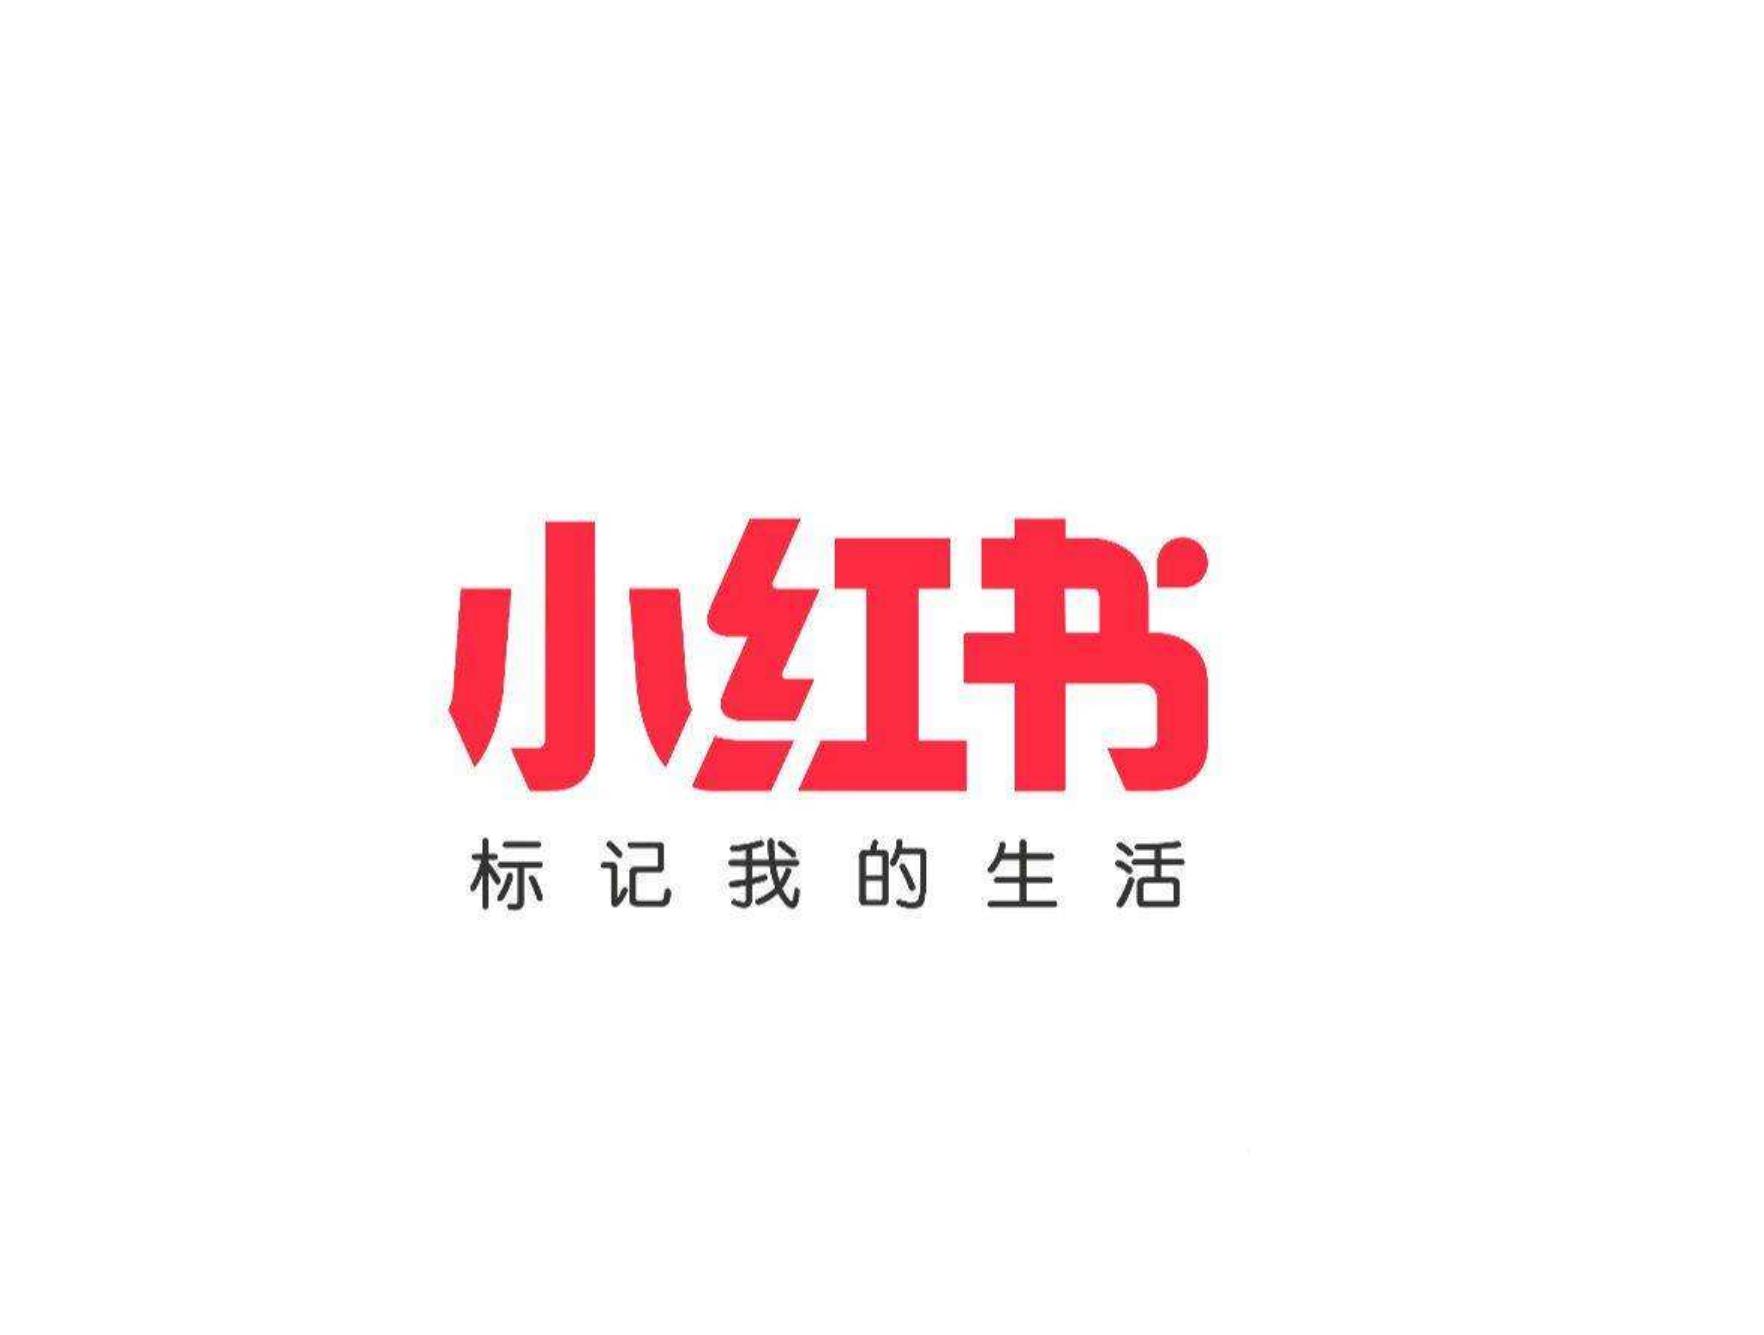 小紅書ロゴ